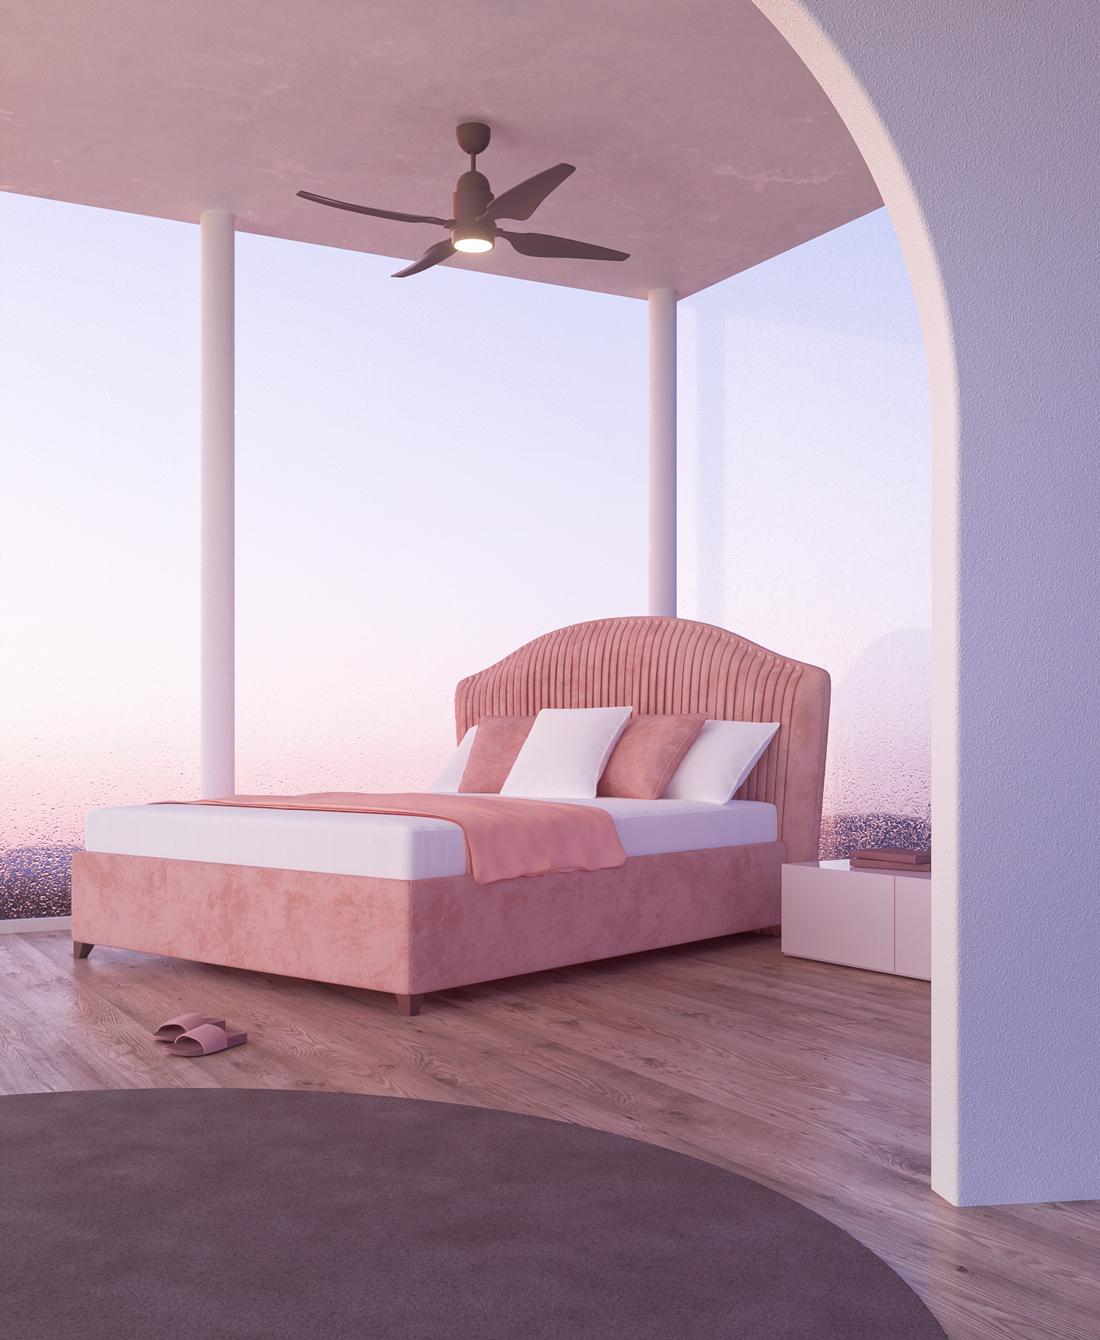 Bed_Dreams_cc_01